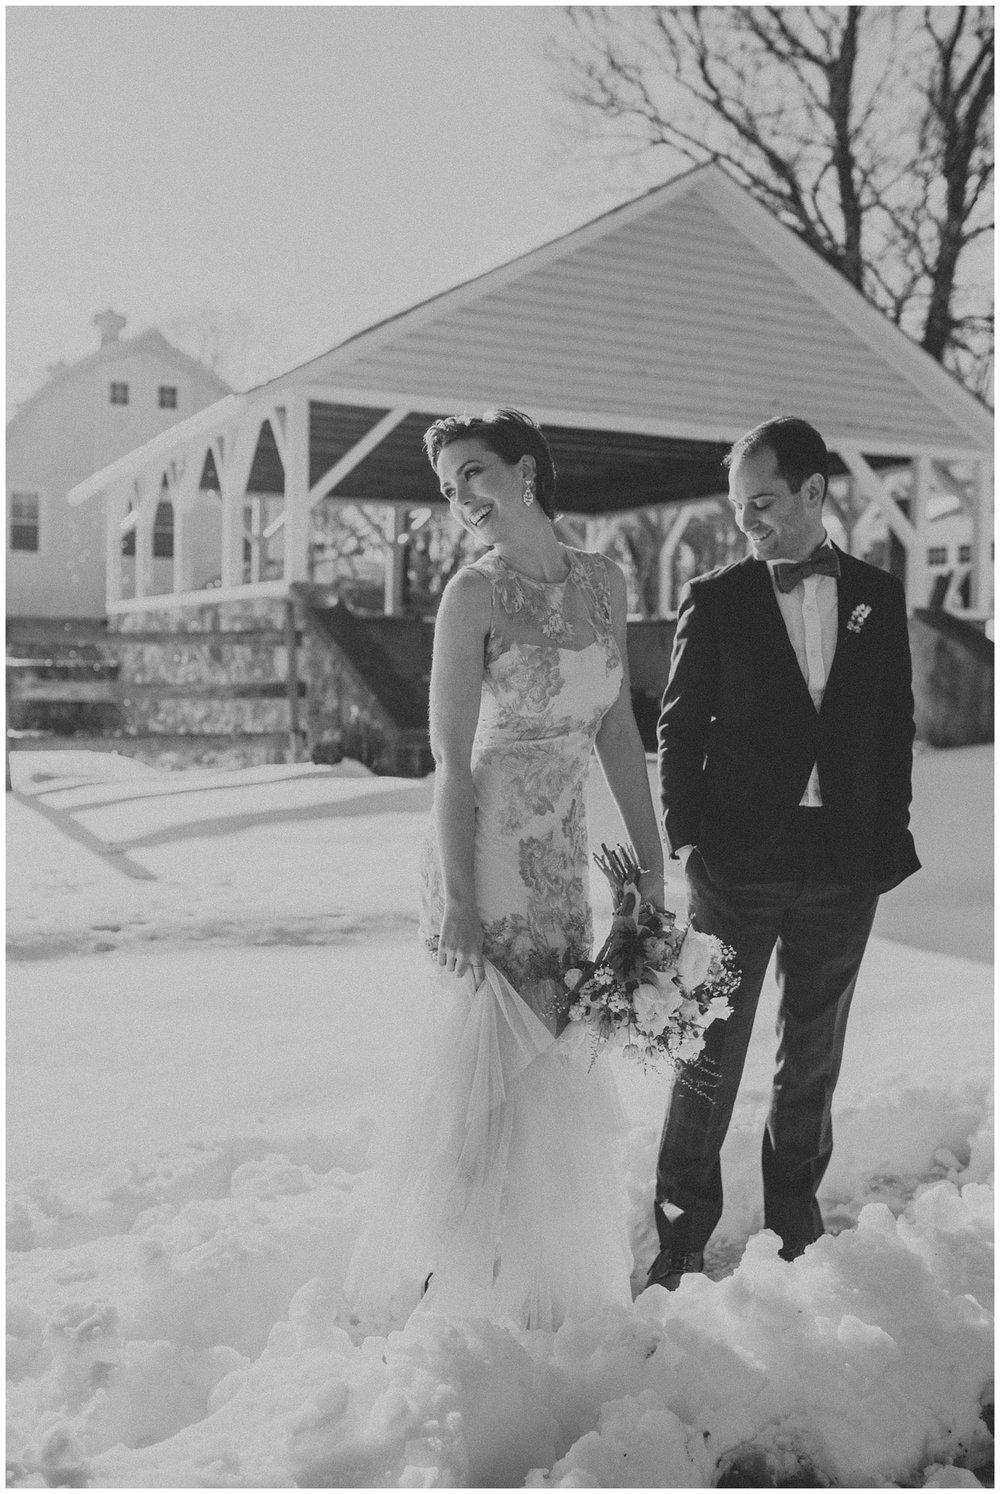 Pocono Winter Wedding with Bride and Groom_0184.jpg